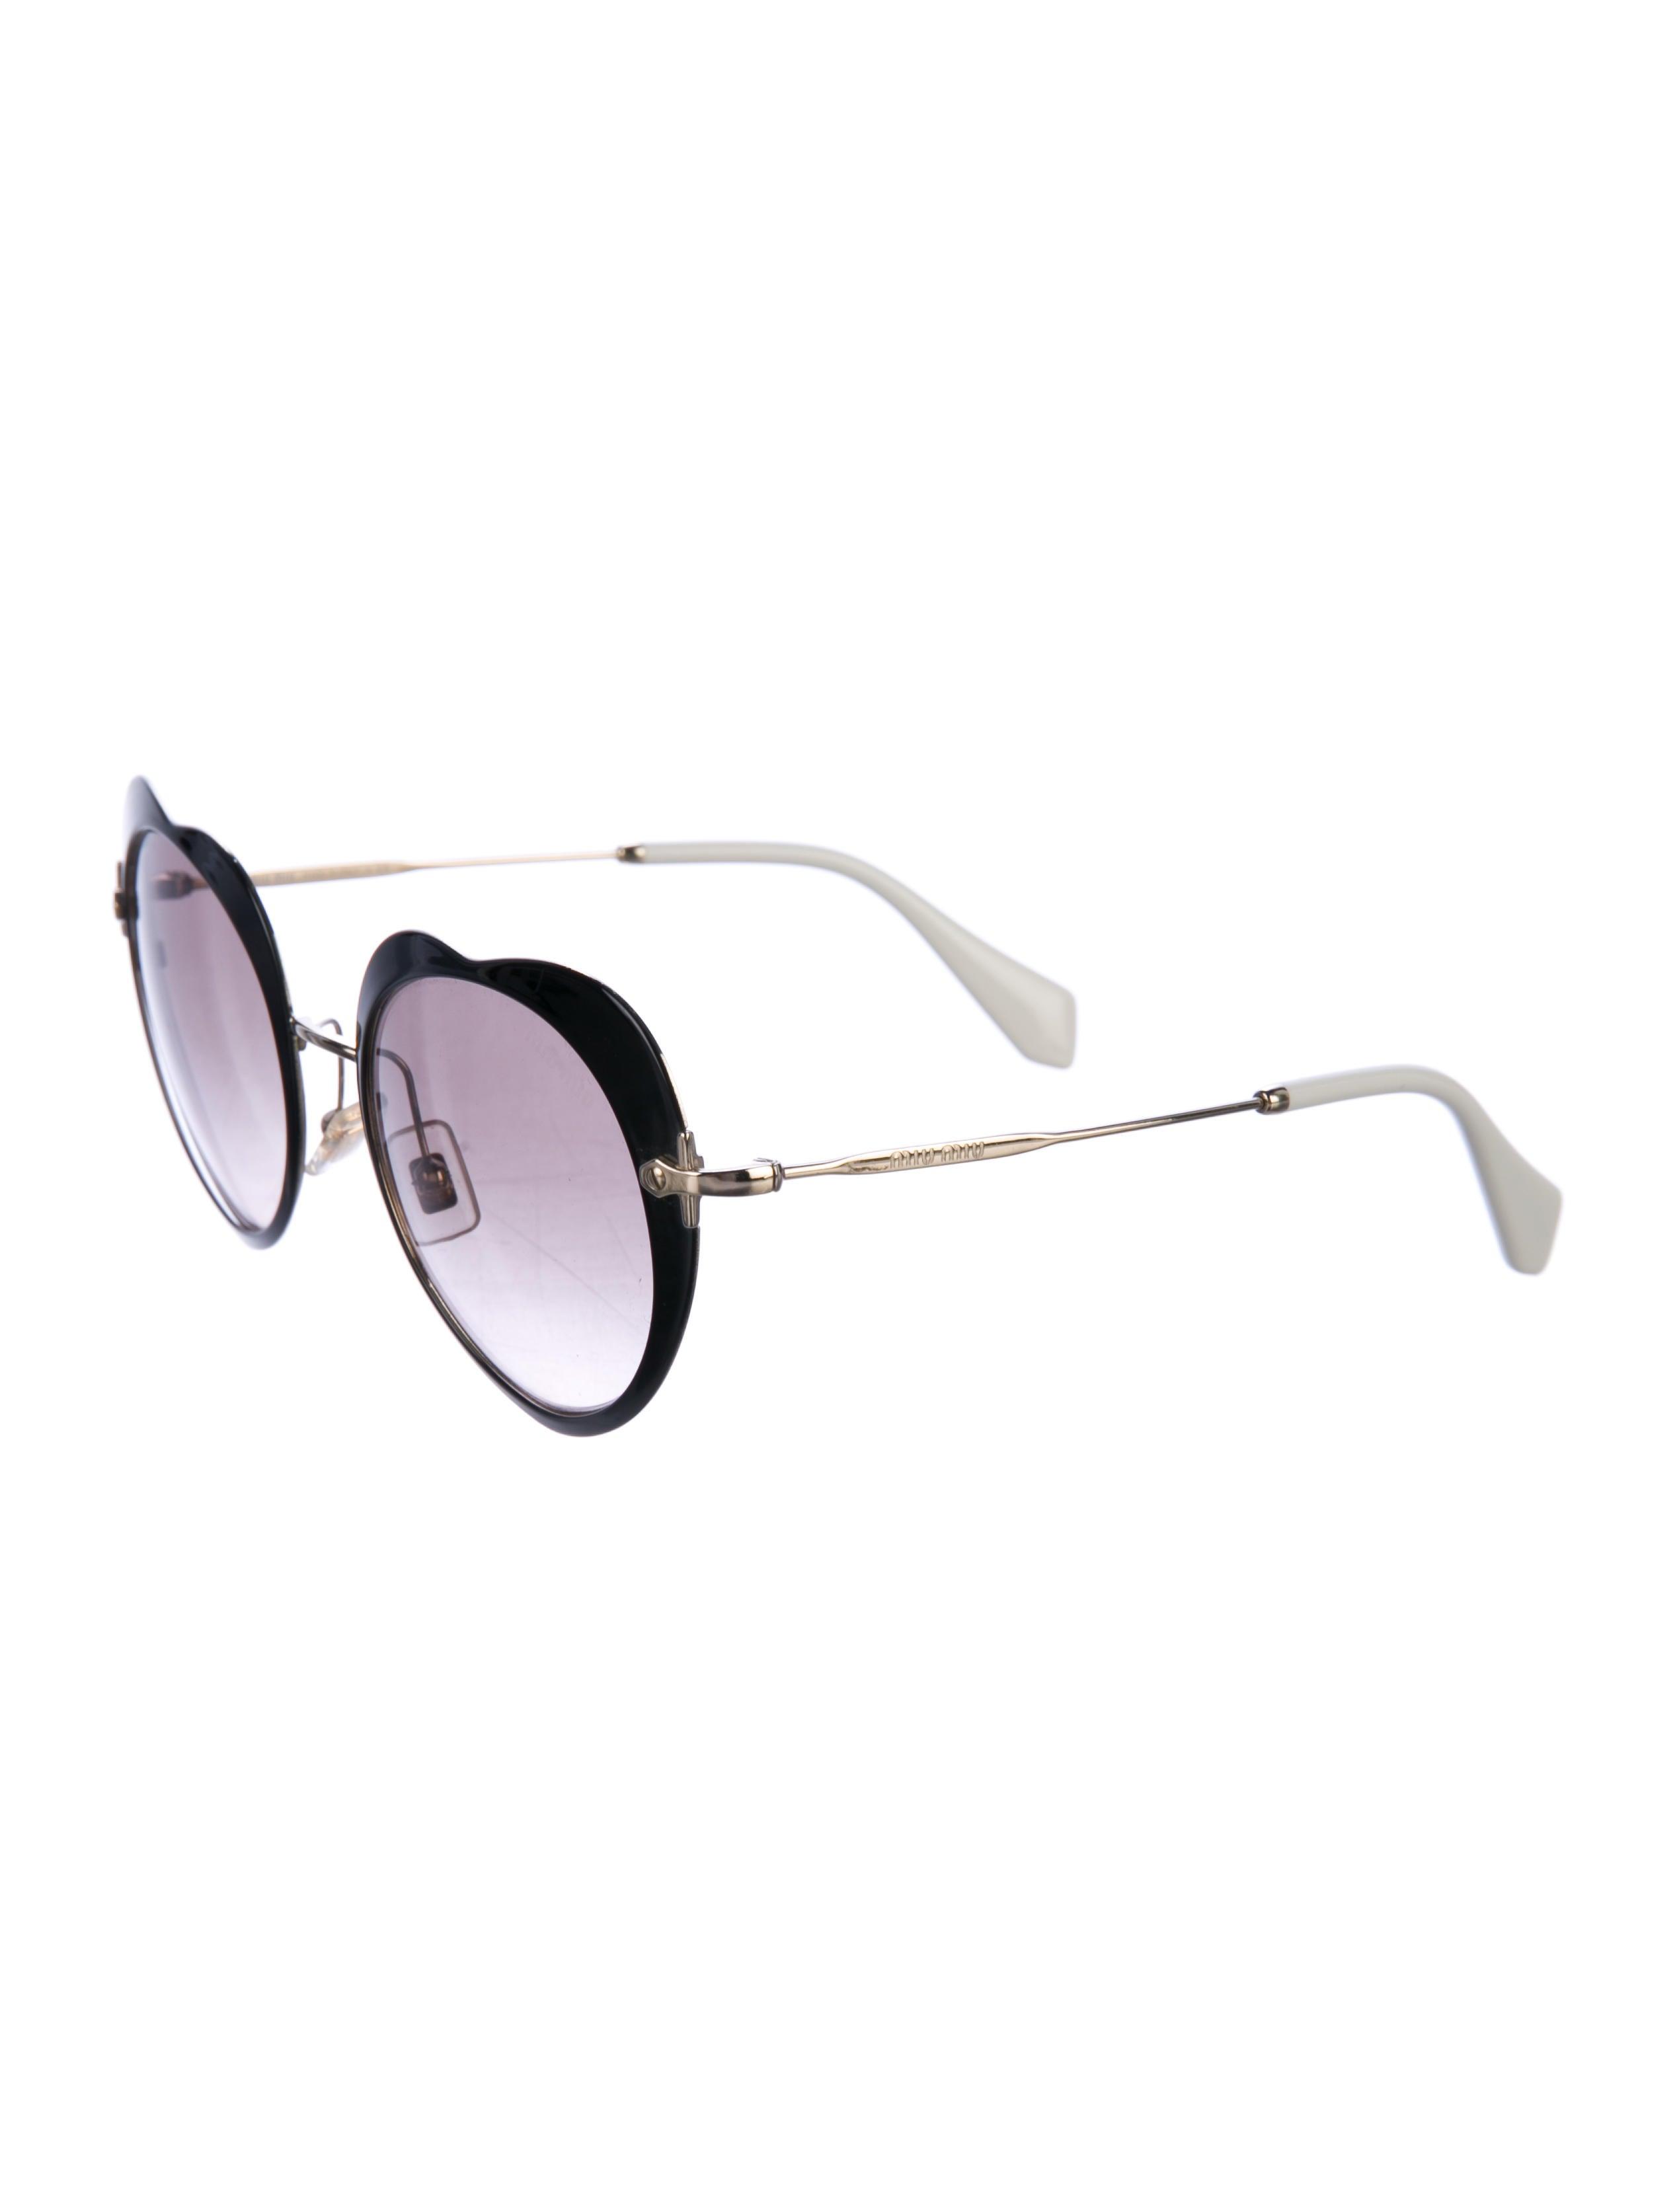 b23e9a51c2e6 Miu Miu Double Heart Sunglasses